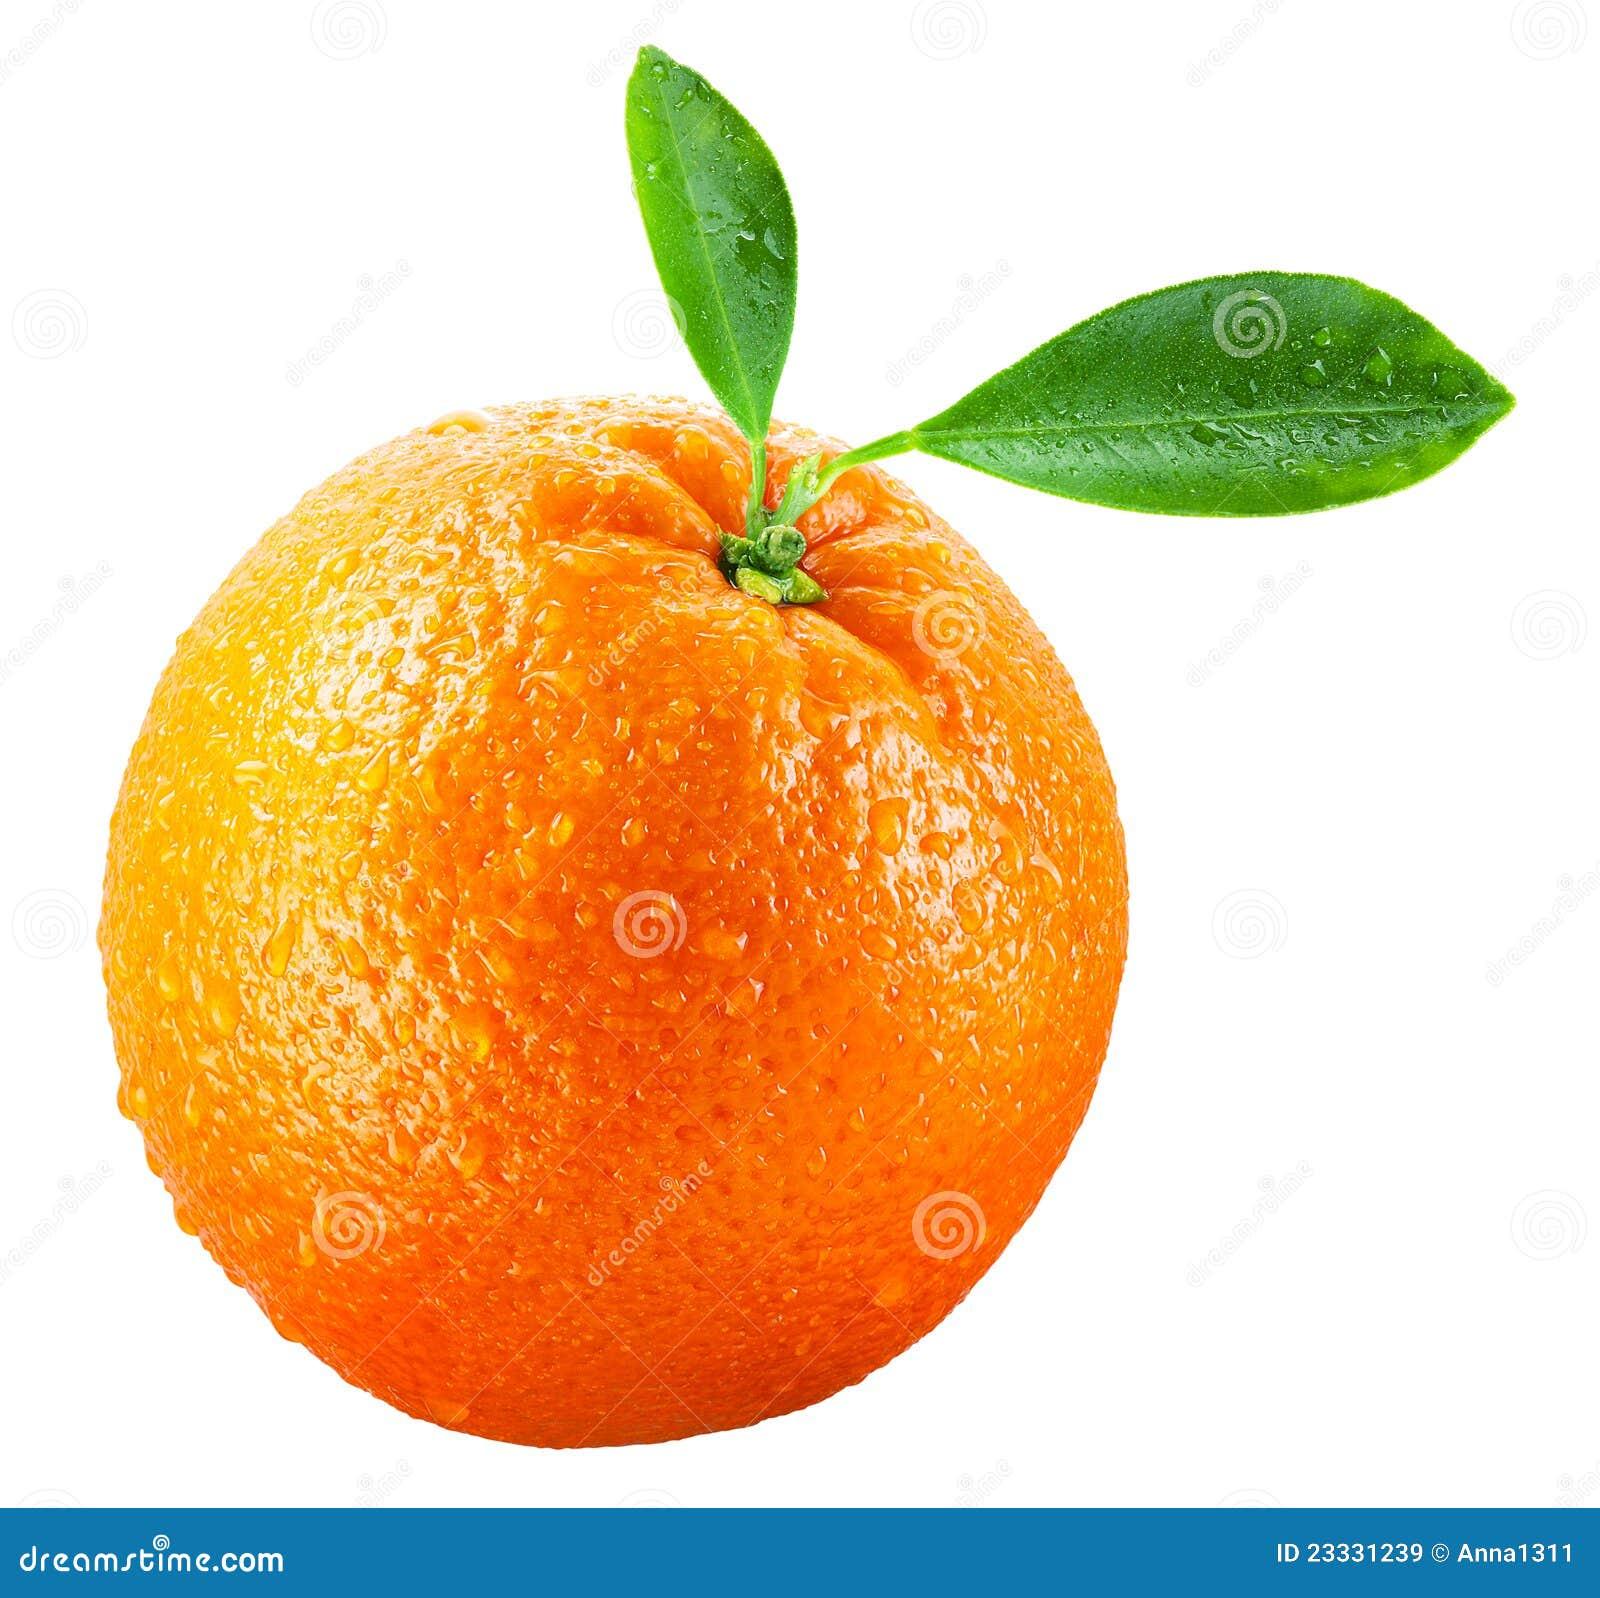 Wet orange fruit with leaves isolated on white